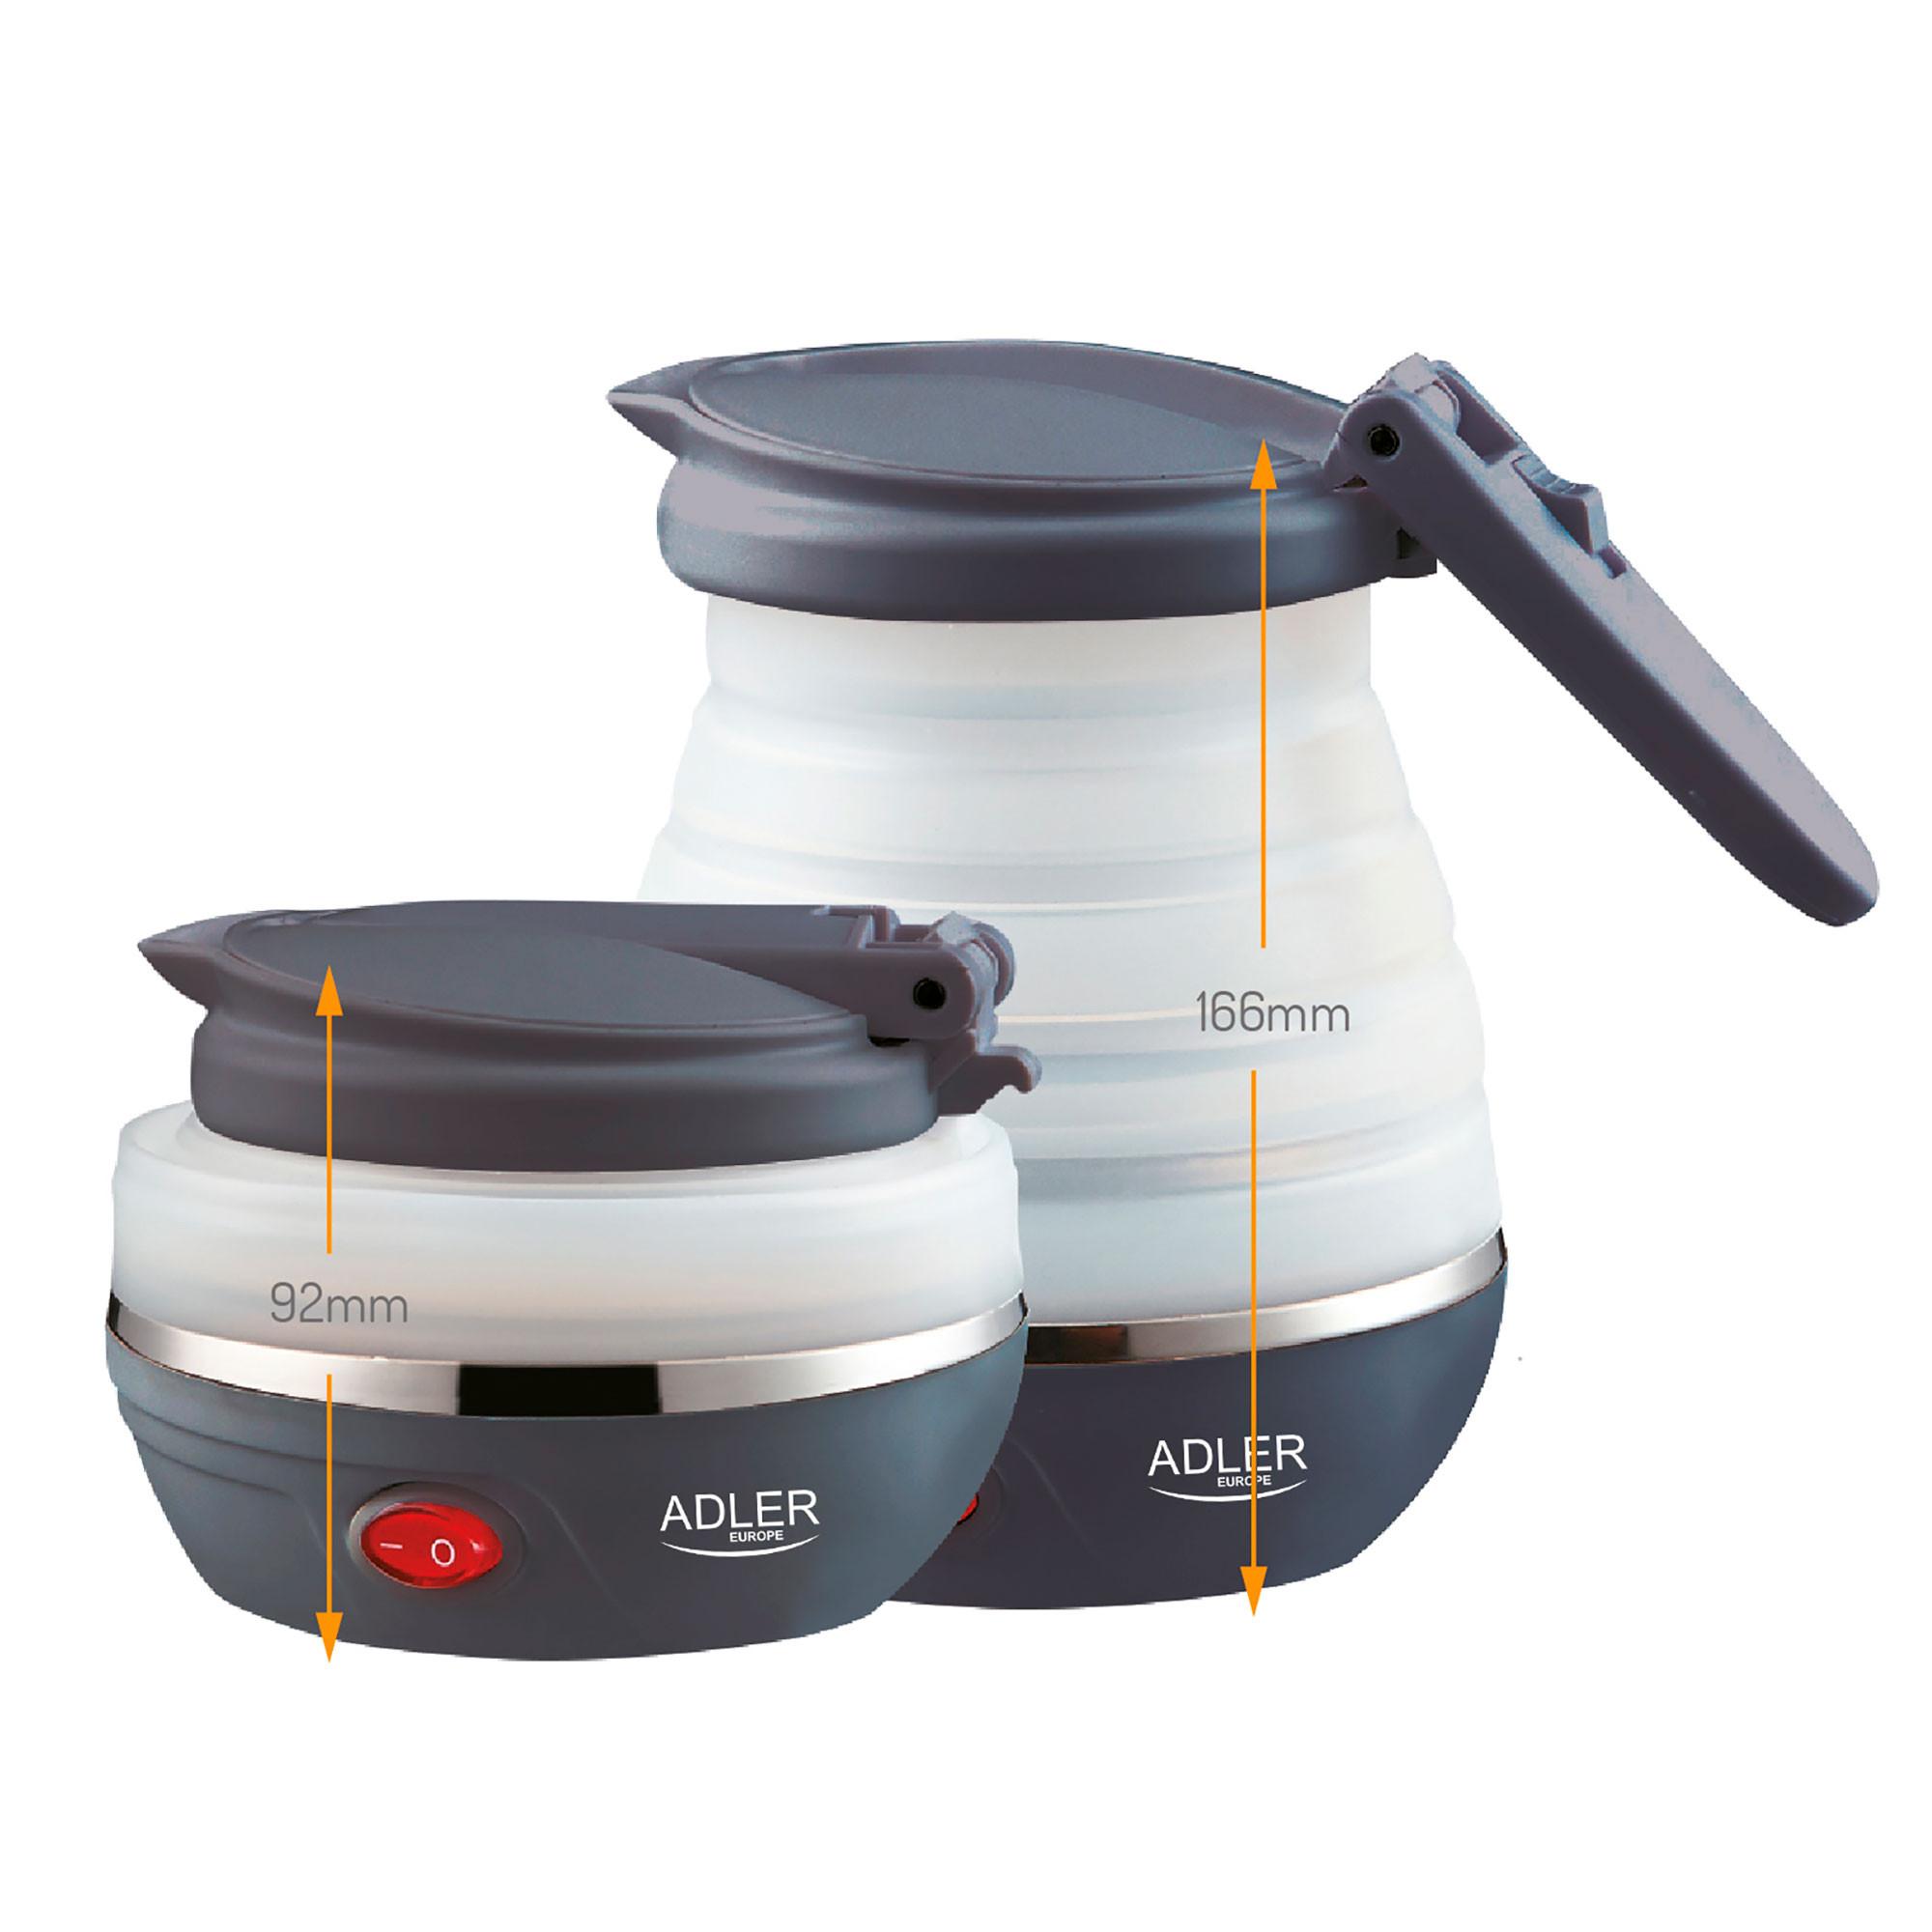 Adler AD1279 Hervidor de Agua Eléctrico Plegable, Resistencia Oculta, Tapa automática, Silicona, 0,6 Litros, 750W, Libre de BPA, Blanco